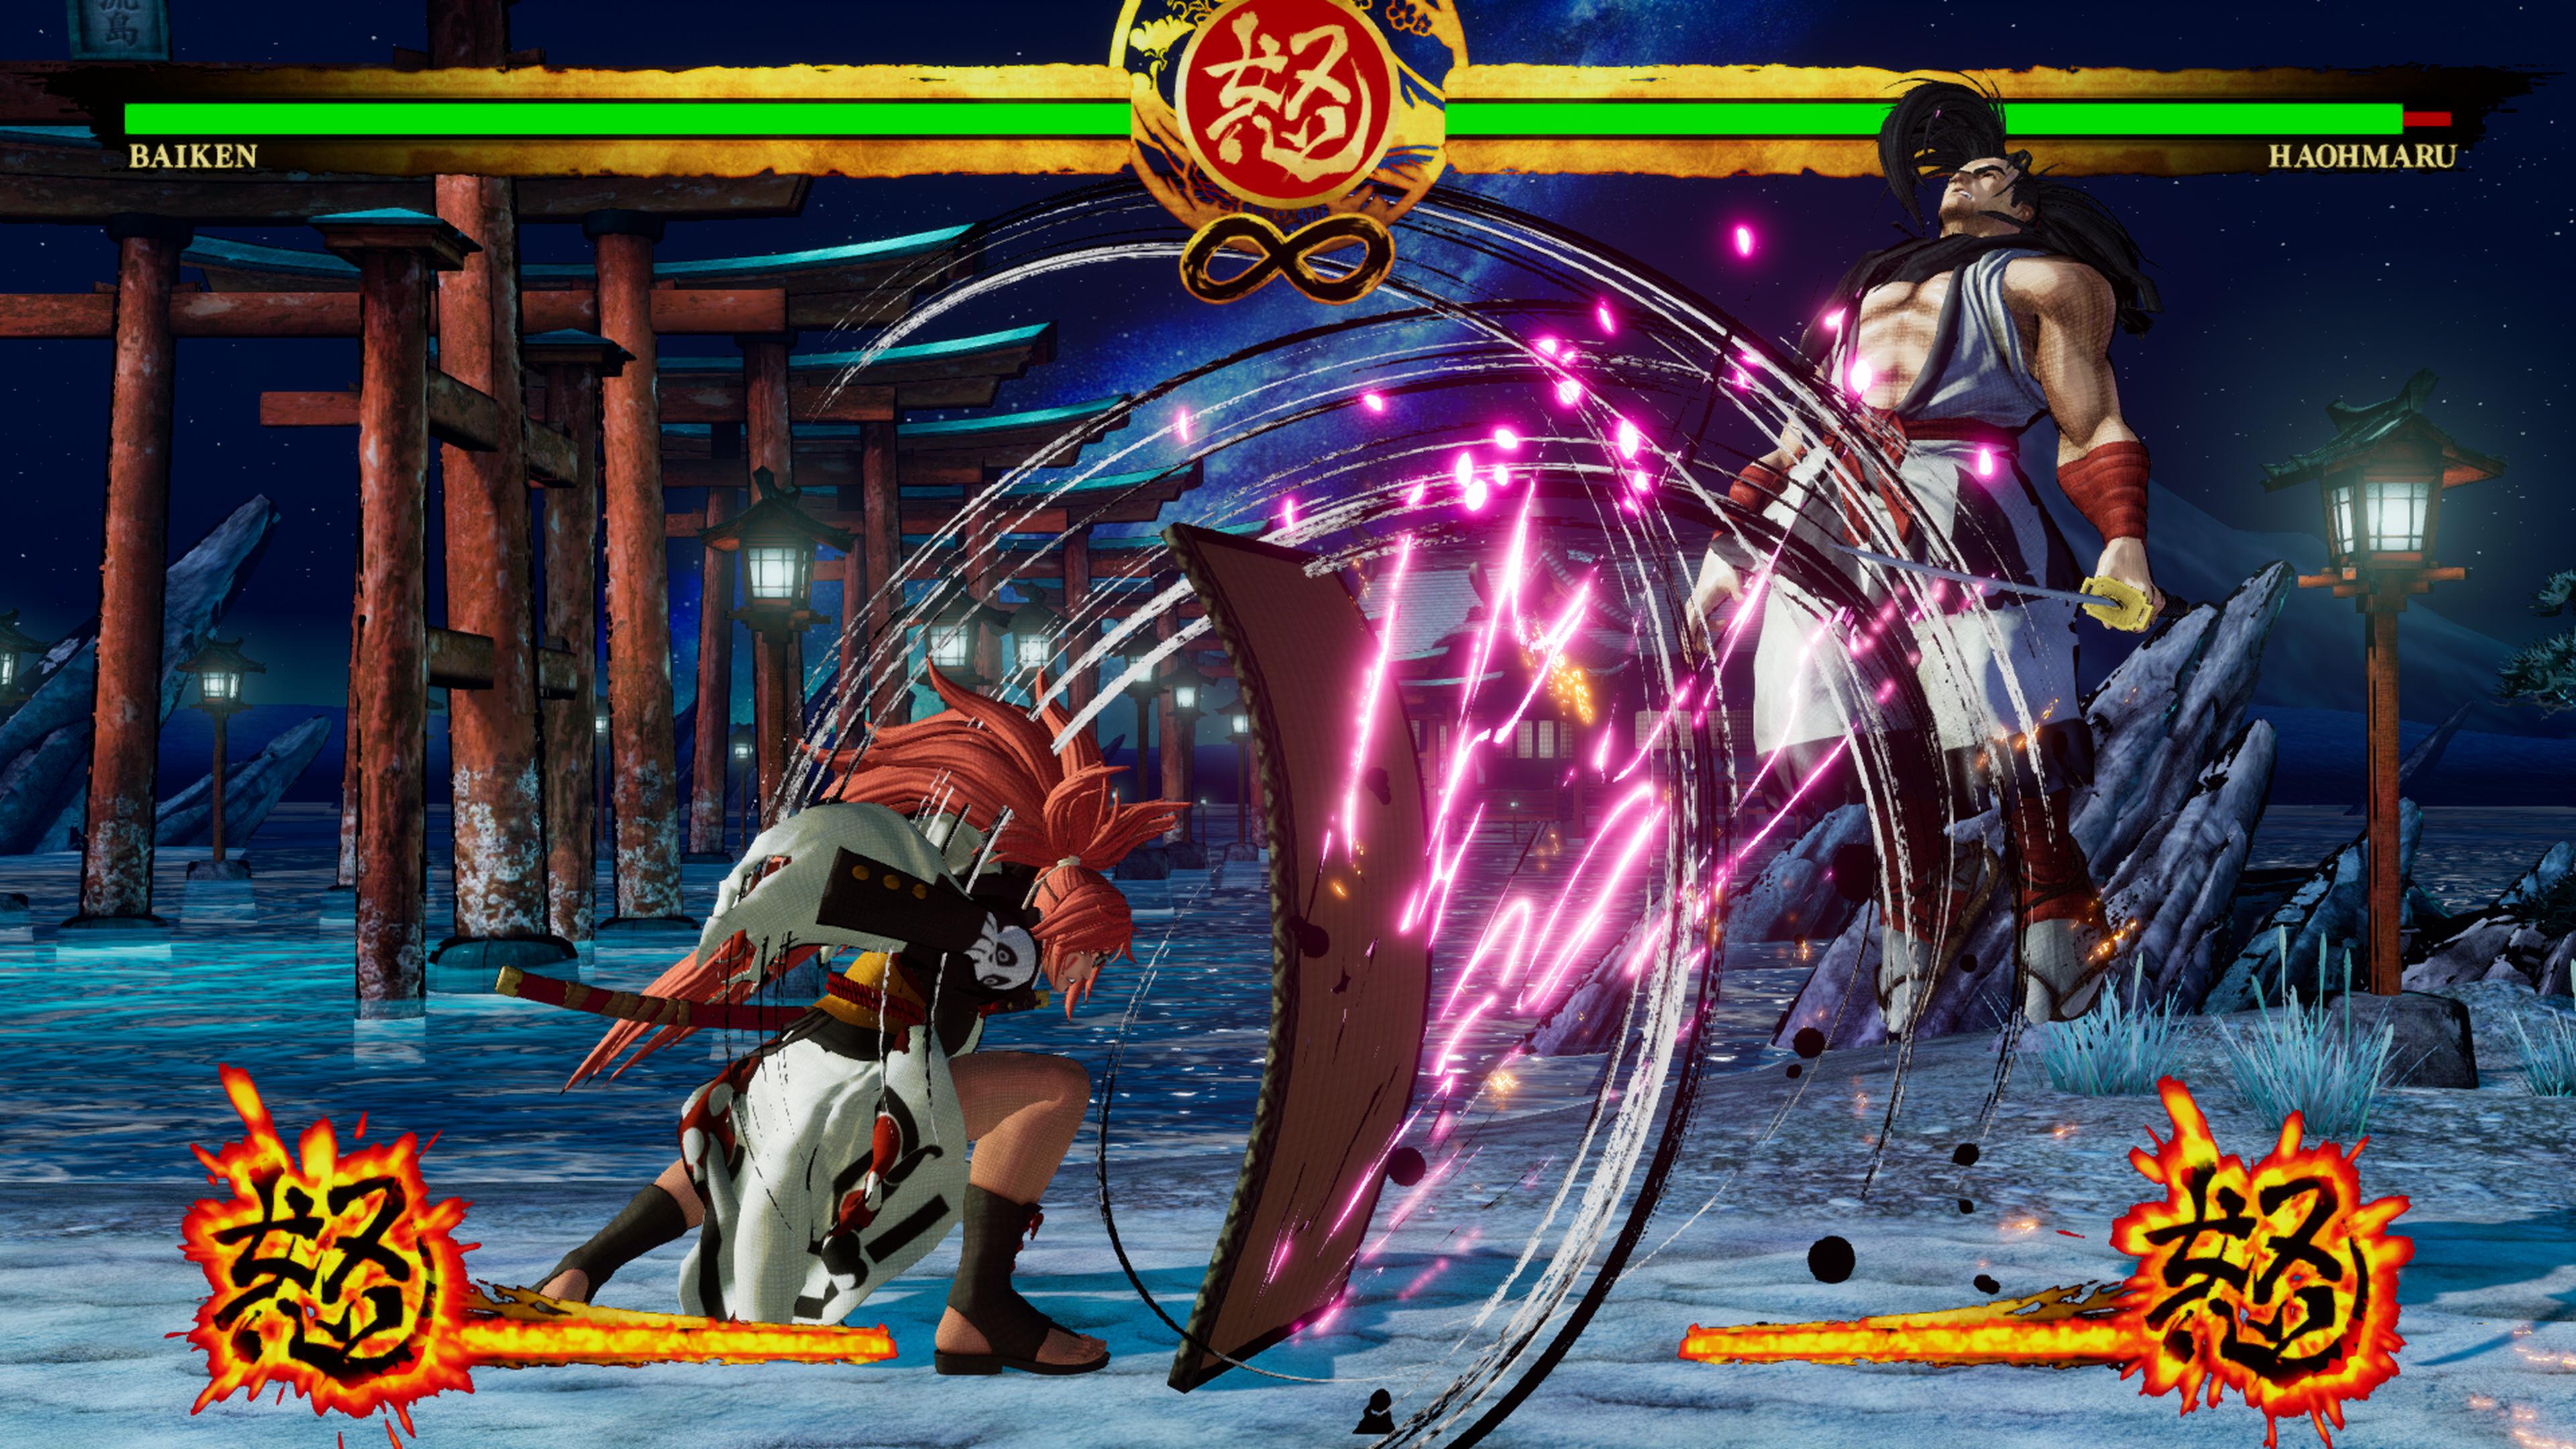 Скриншот №4 к SAMURAI SHODOWN DLC С ПЕРСОНАЖЕМ «BAIKEN»